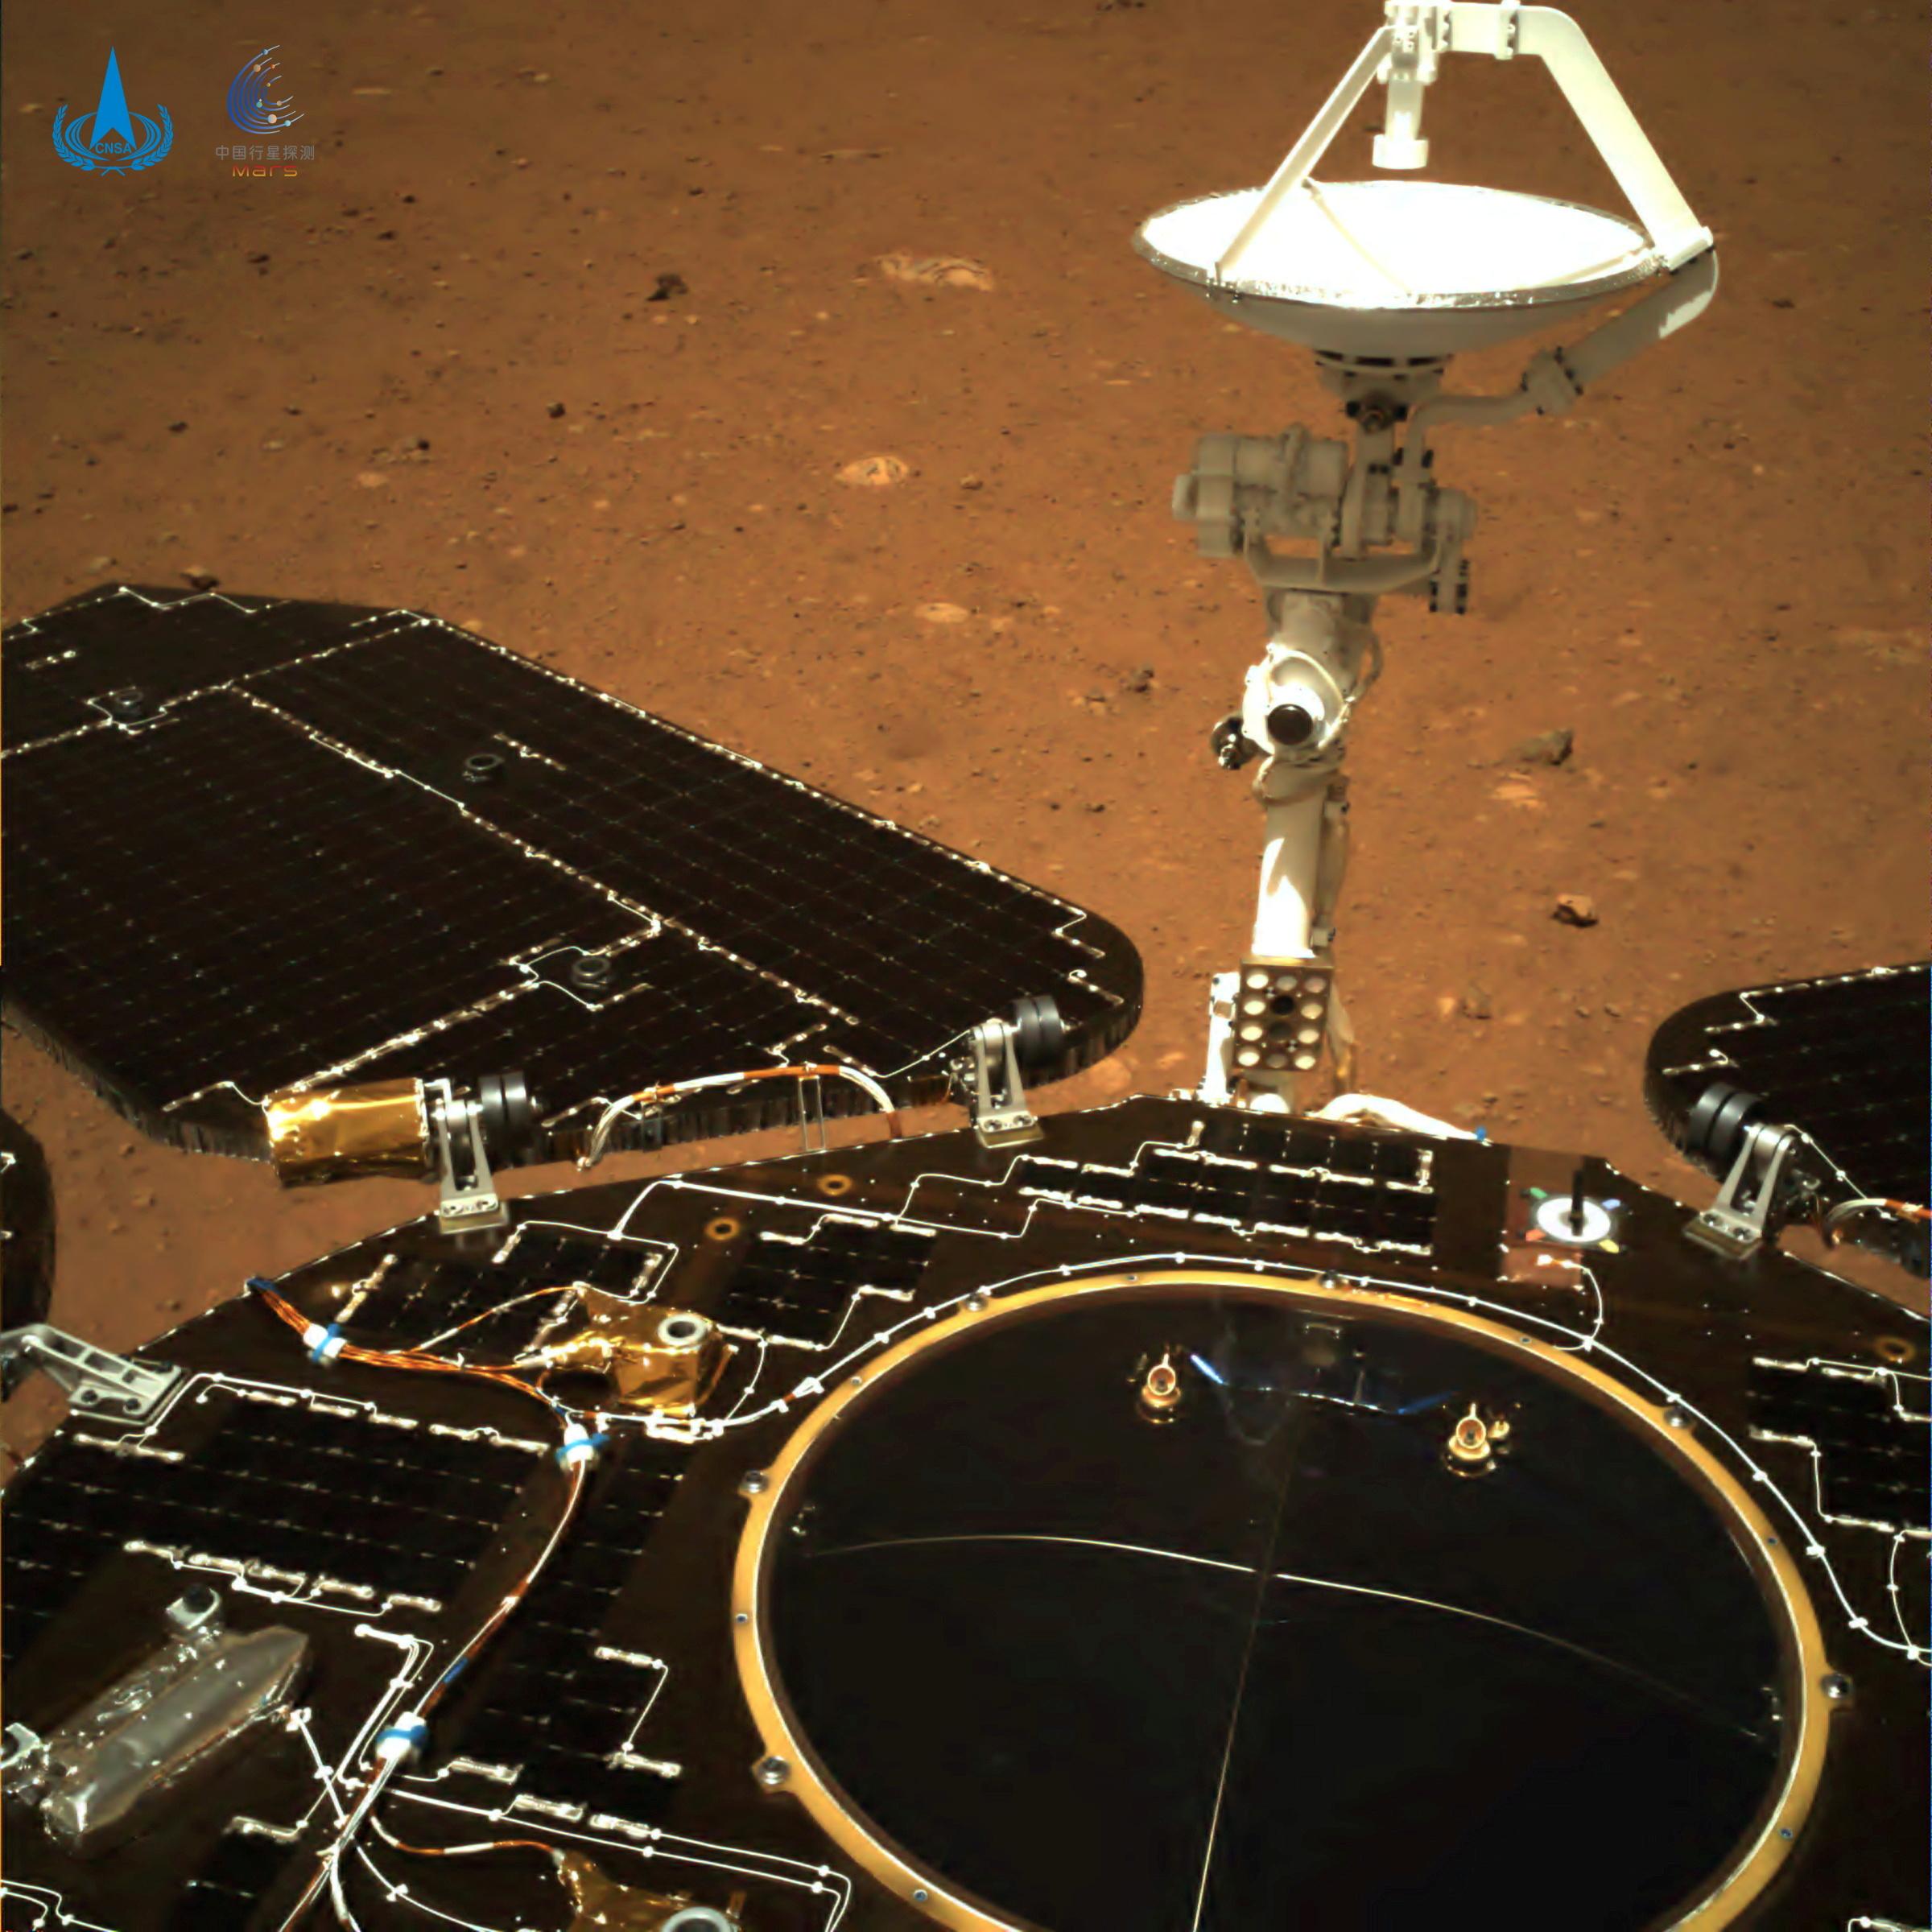 Το κινέζικο «Ζουρόνγκ» πάτησε στον πλανήτη Άρη – Εντυπωσιακές εικόνες